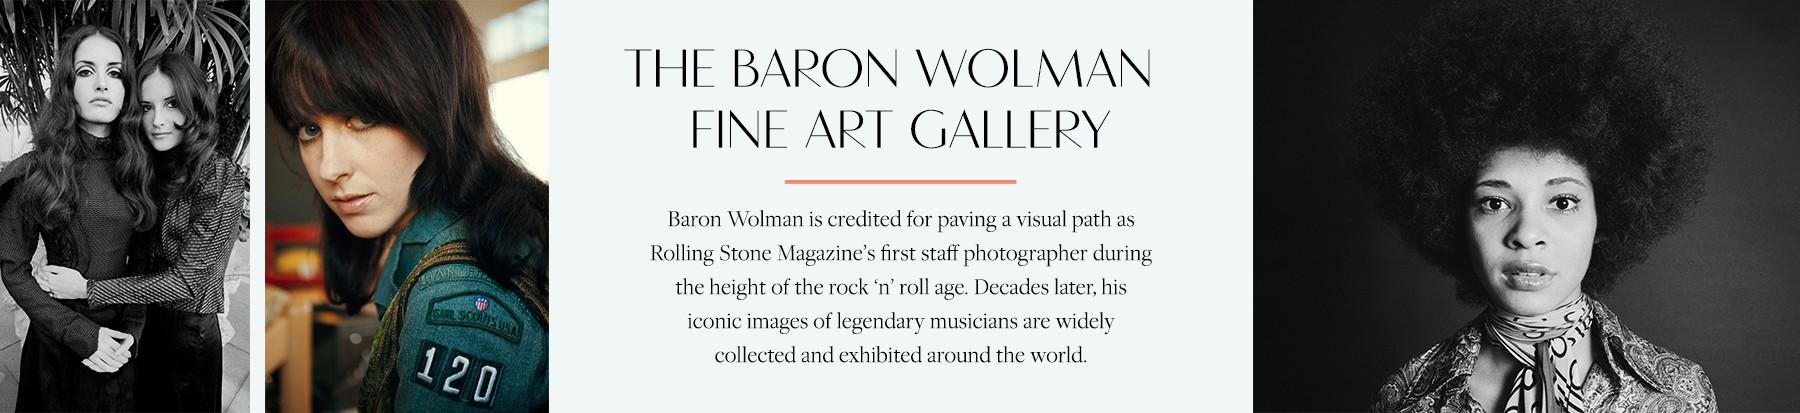 The Baron Wolman Fine Art Gallery